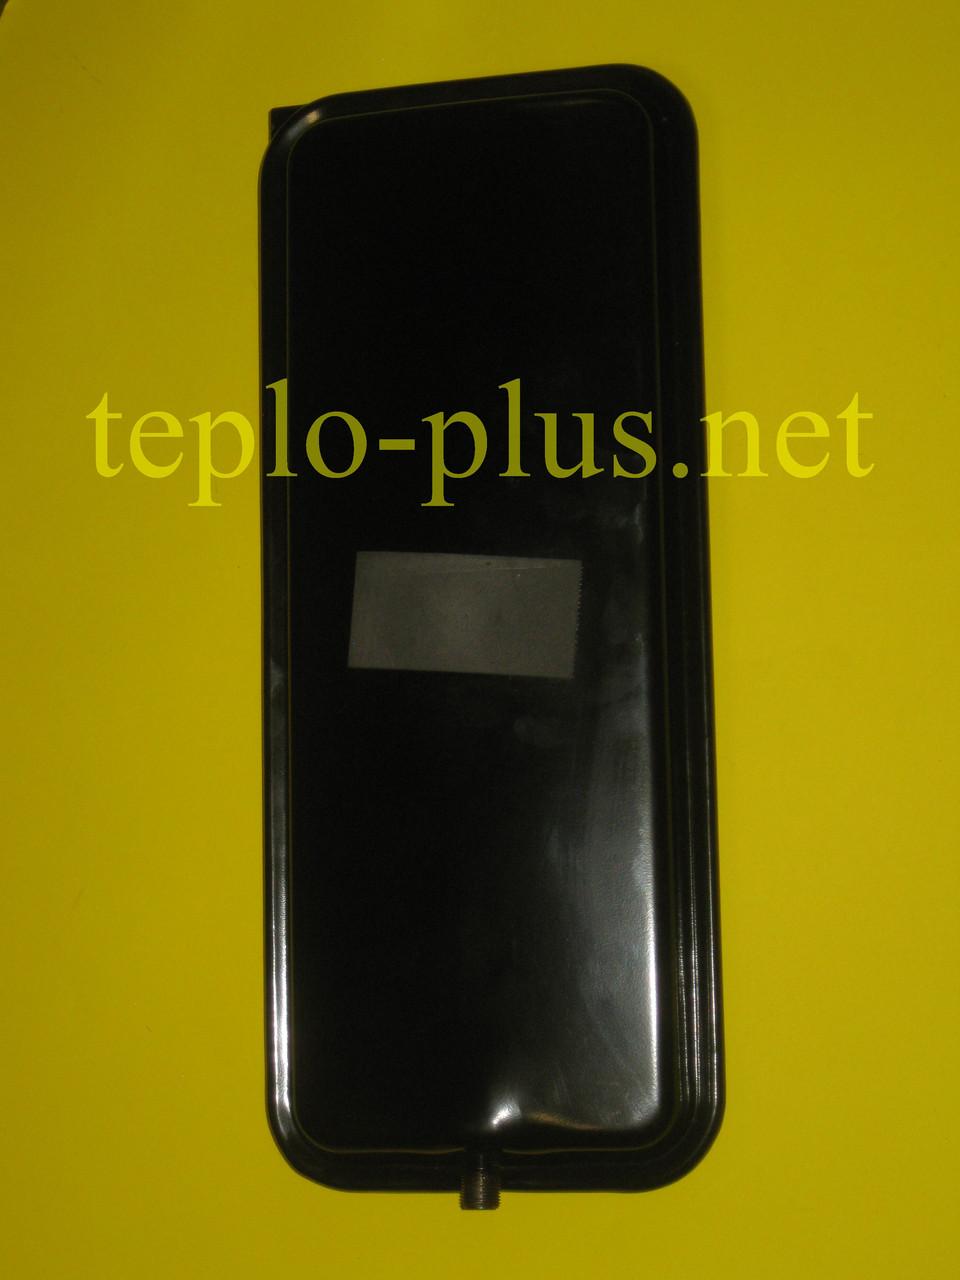 Расширительный бак 0020131391 (D003202068) Demrad Atron H24, H28, Nepto HKT 2-20, HKT 2-24, Nitromix P24, P28, фото 3